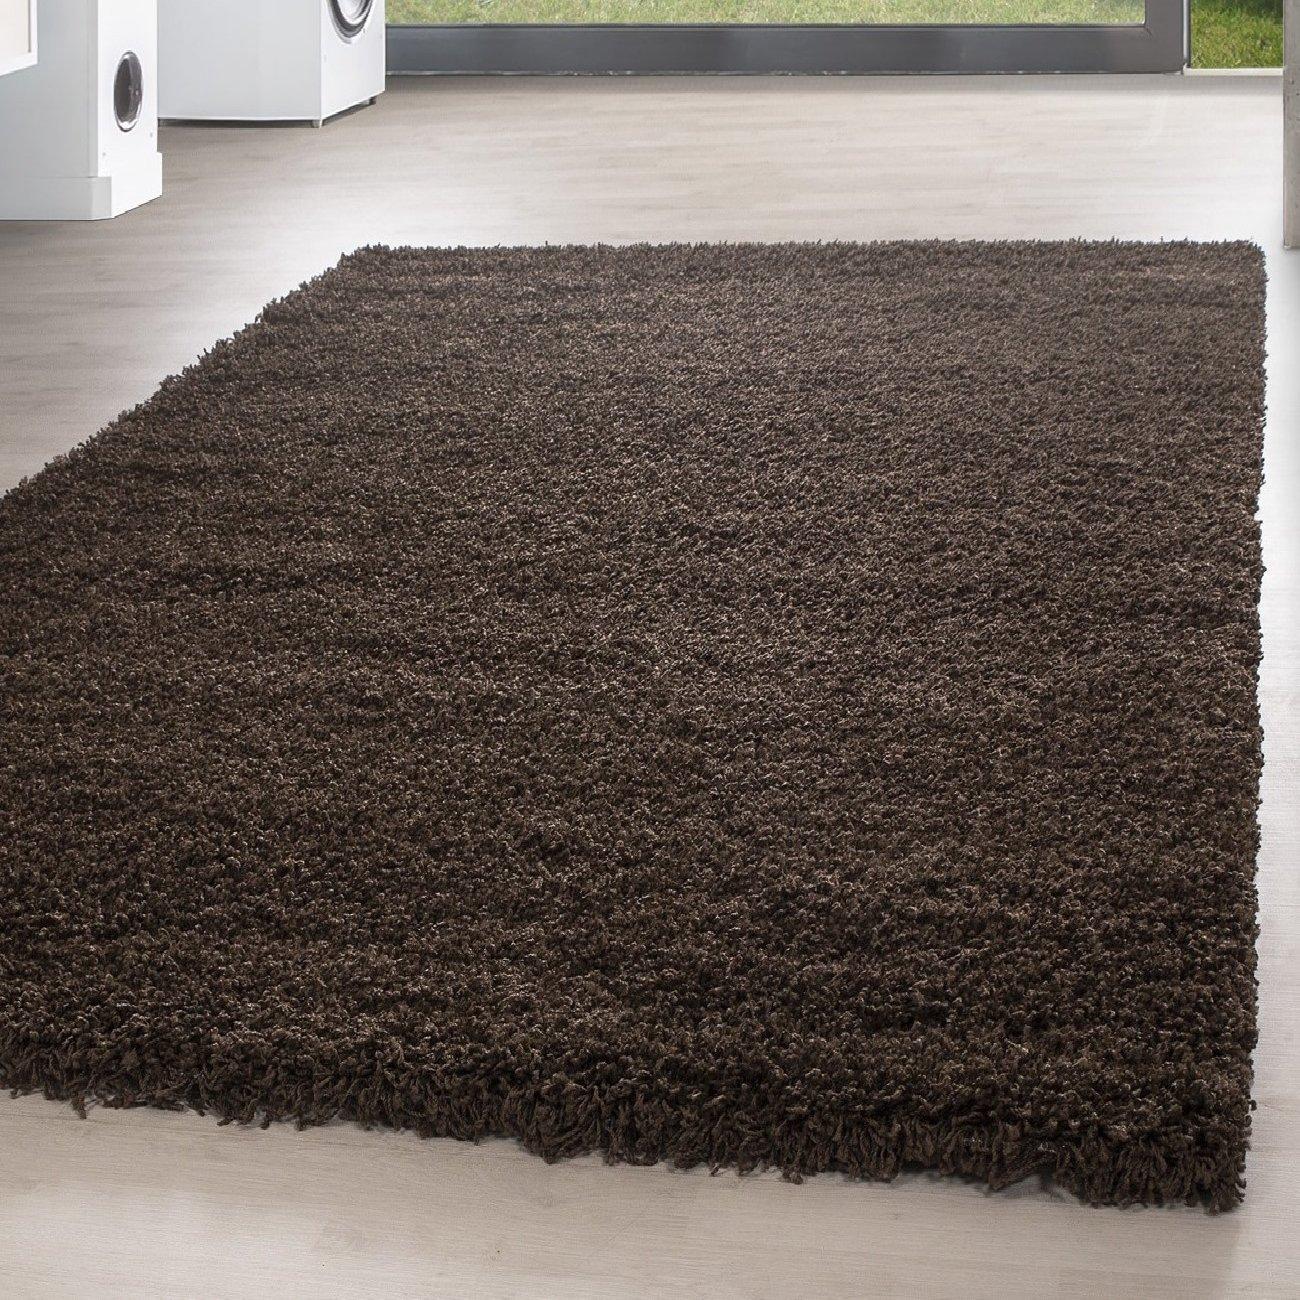 HomebyHome Shaggy Hochflor Langflor Einfarbig Günstig Teppich für Wohnzimmer Wohnzimmer Wohnzimmer mit Oeke Tex Zertifiziert 14 Farben und 17 Grössen, Größe 200x290 cm, Farbe Terra B01M25W8NU Teppiche 39f225